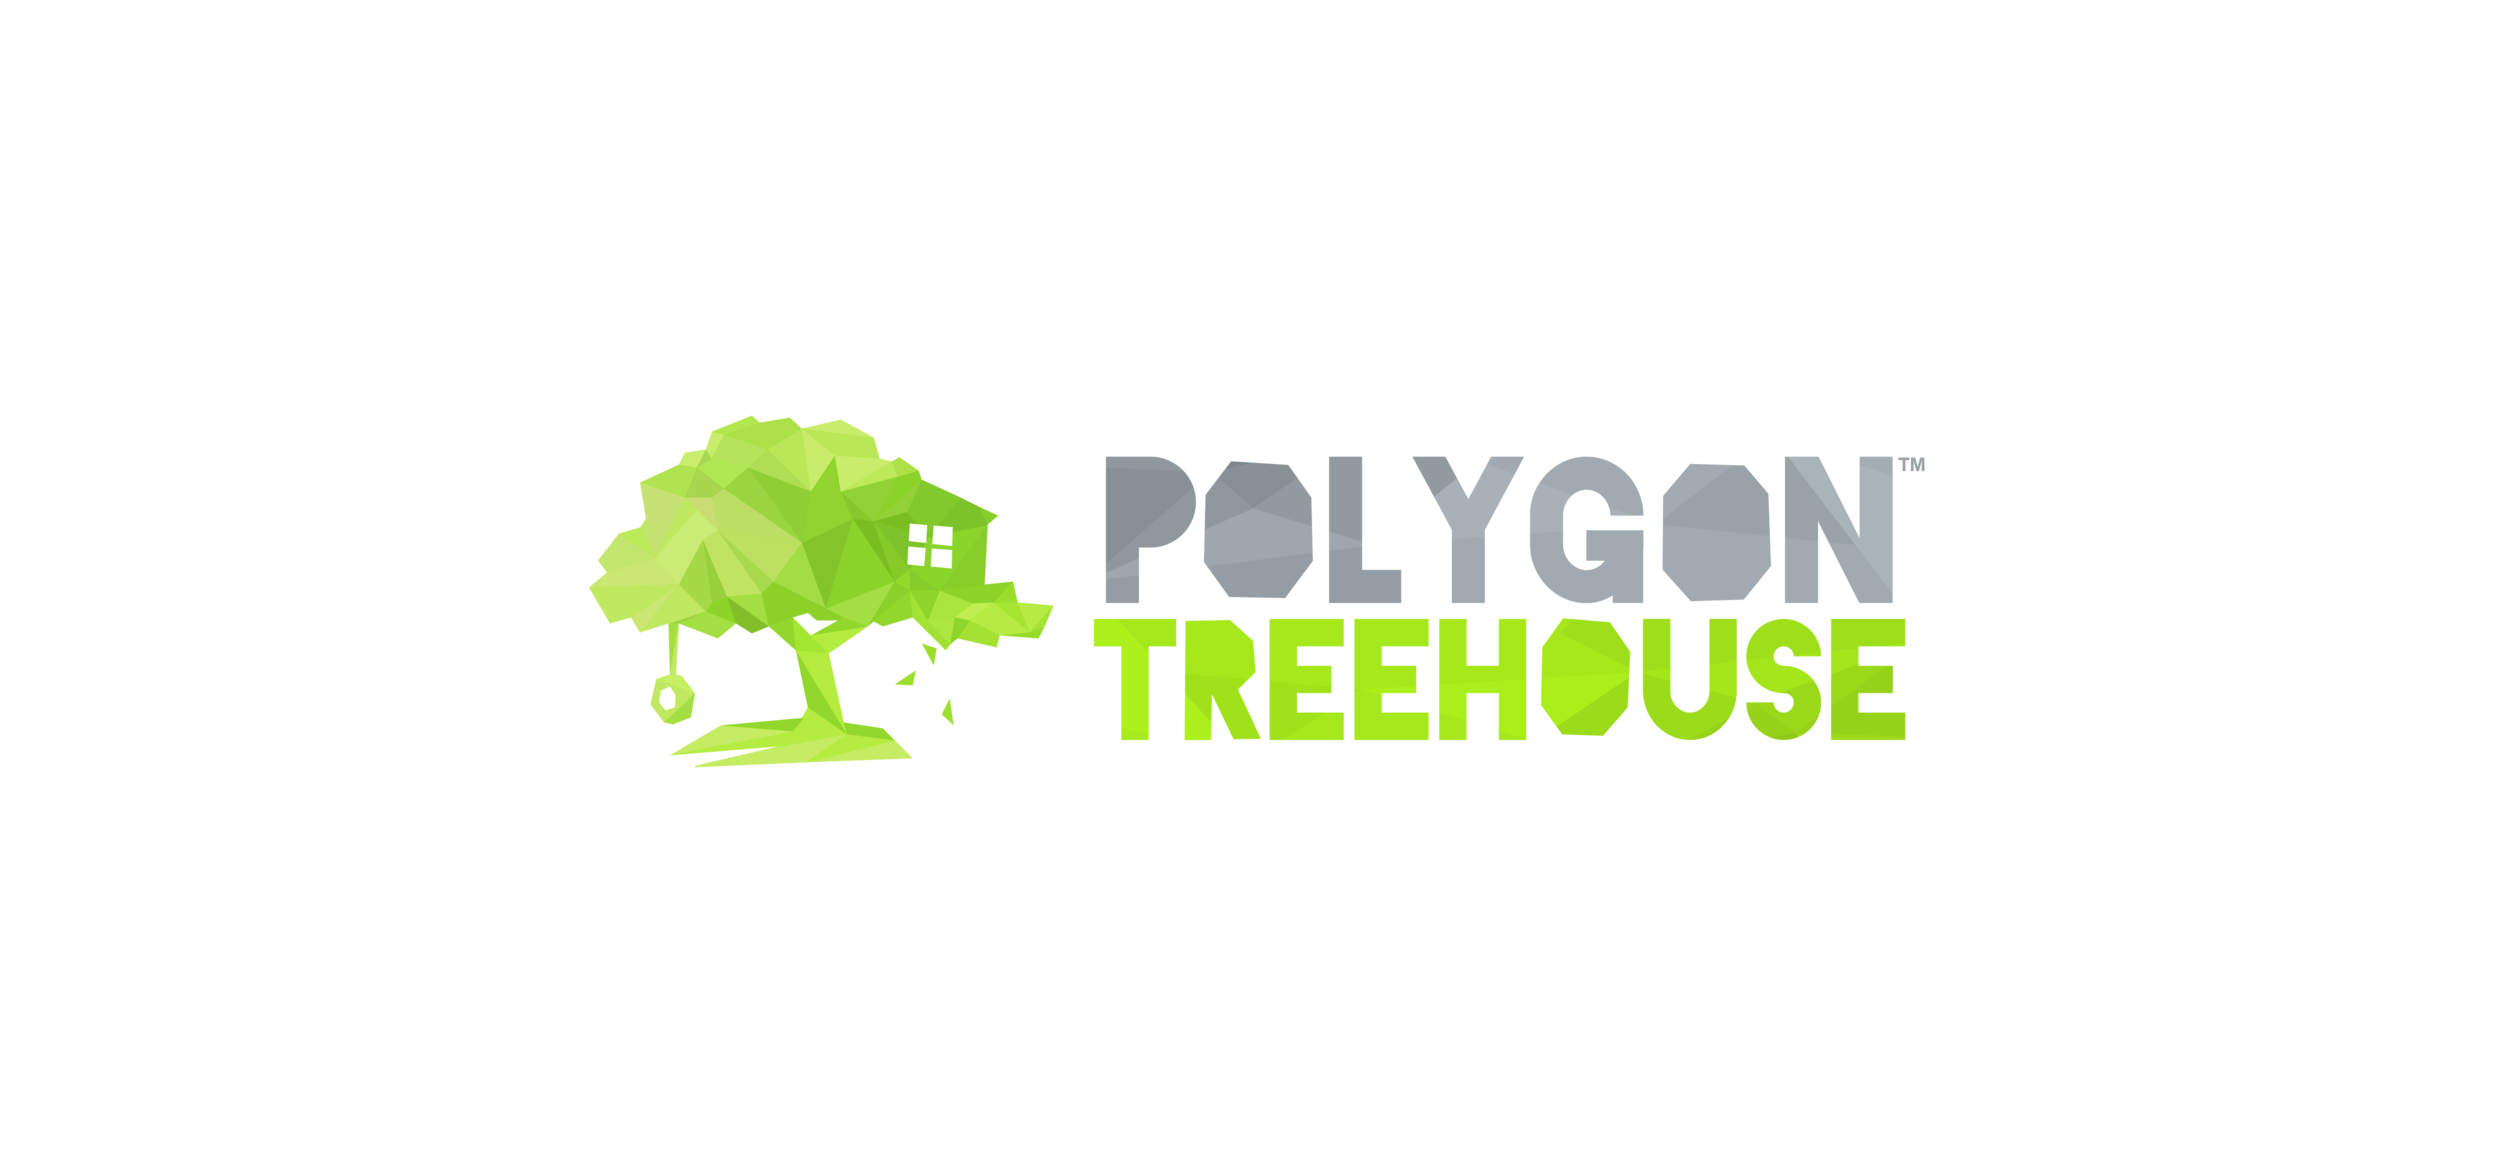 Logo_PolygonTreehouse_Landscape.png